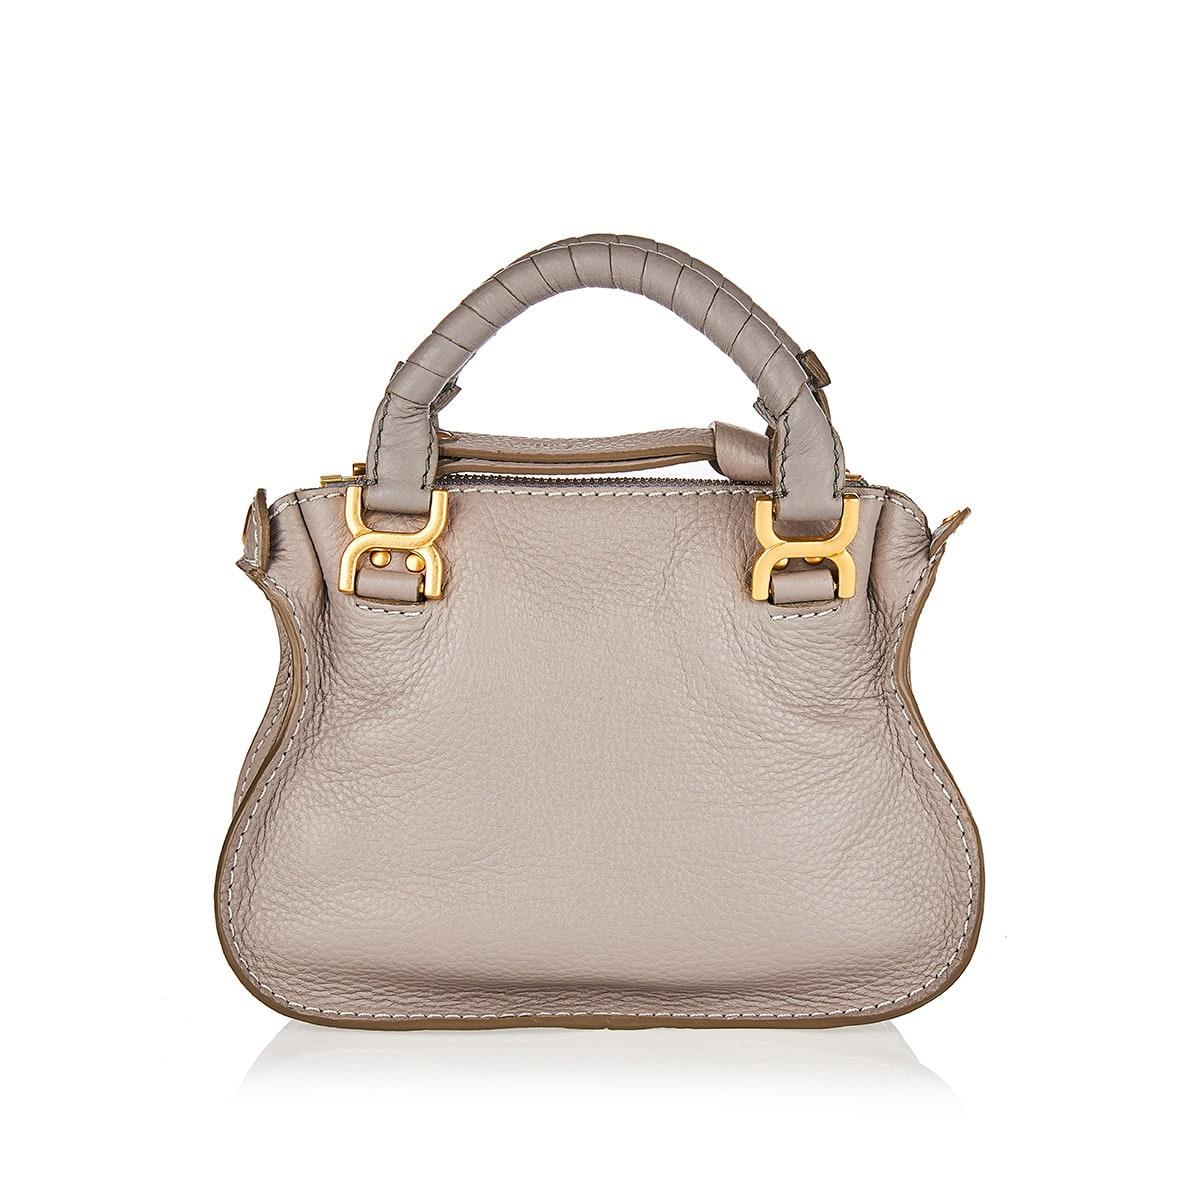 Marcie mini leather handbag